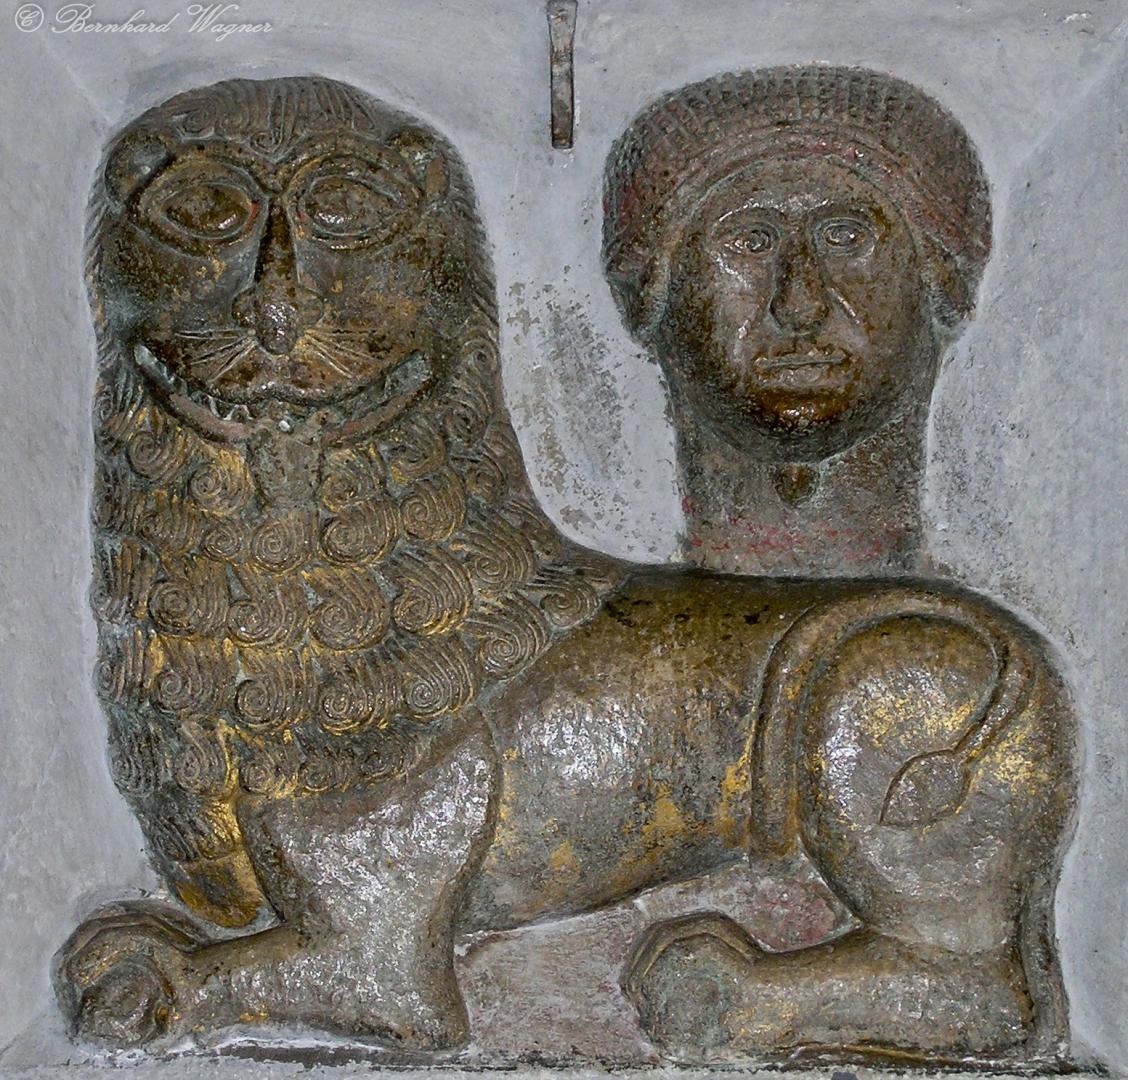 Markuslöwe und Kopf des Hl. Markus im vordersten Pfeiler des südlichen Seitenschiffes